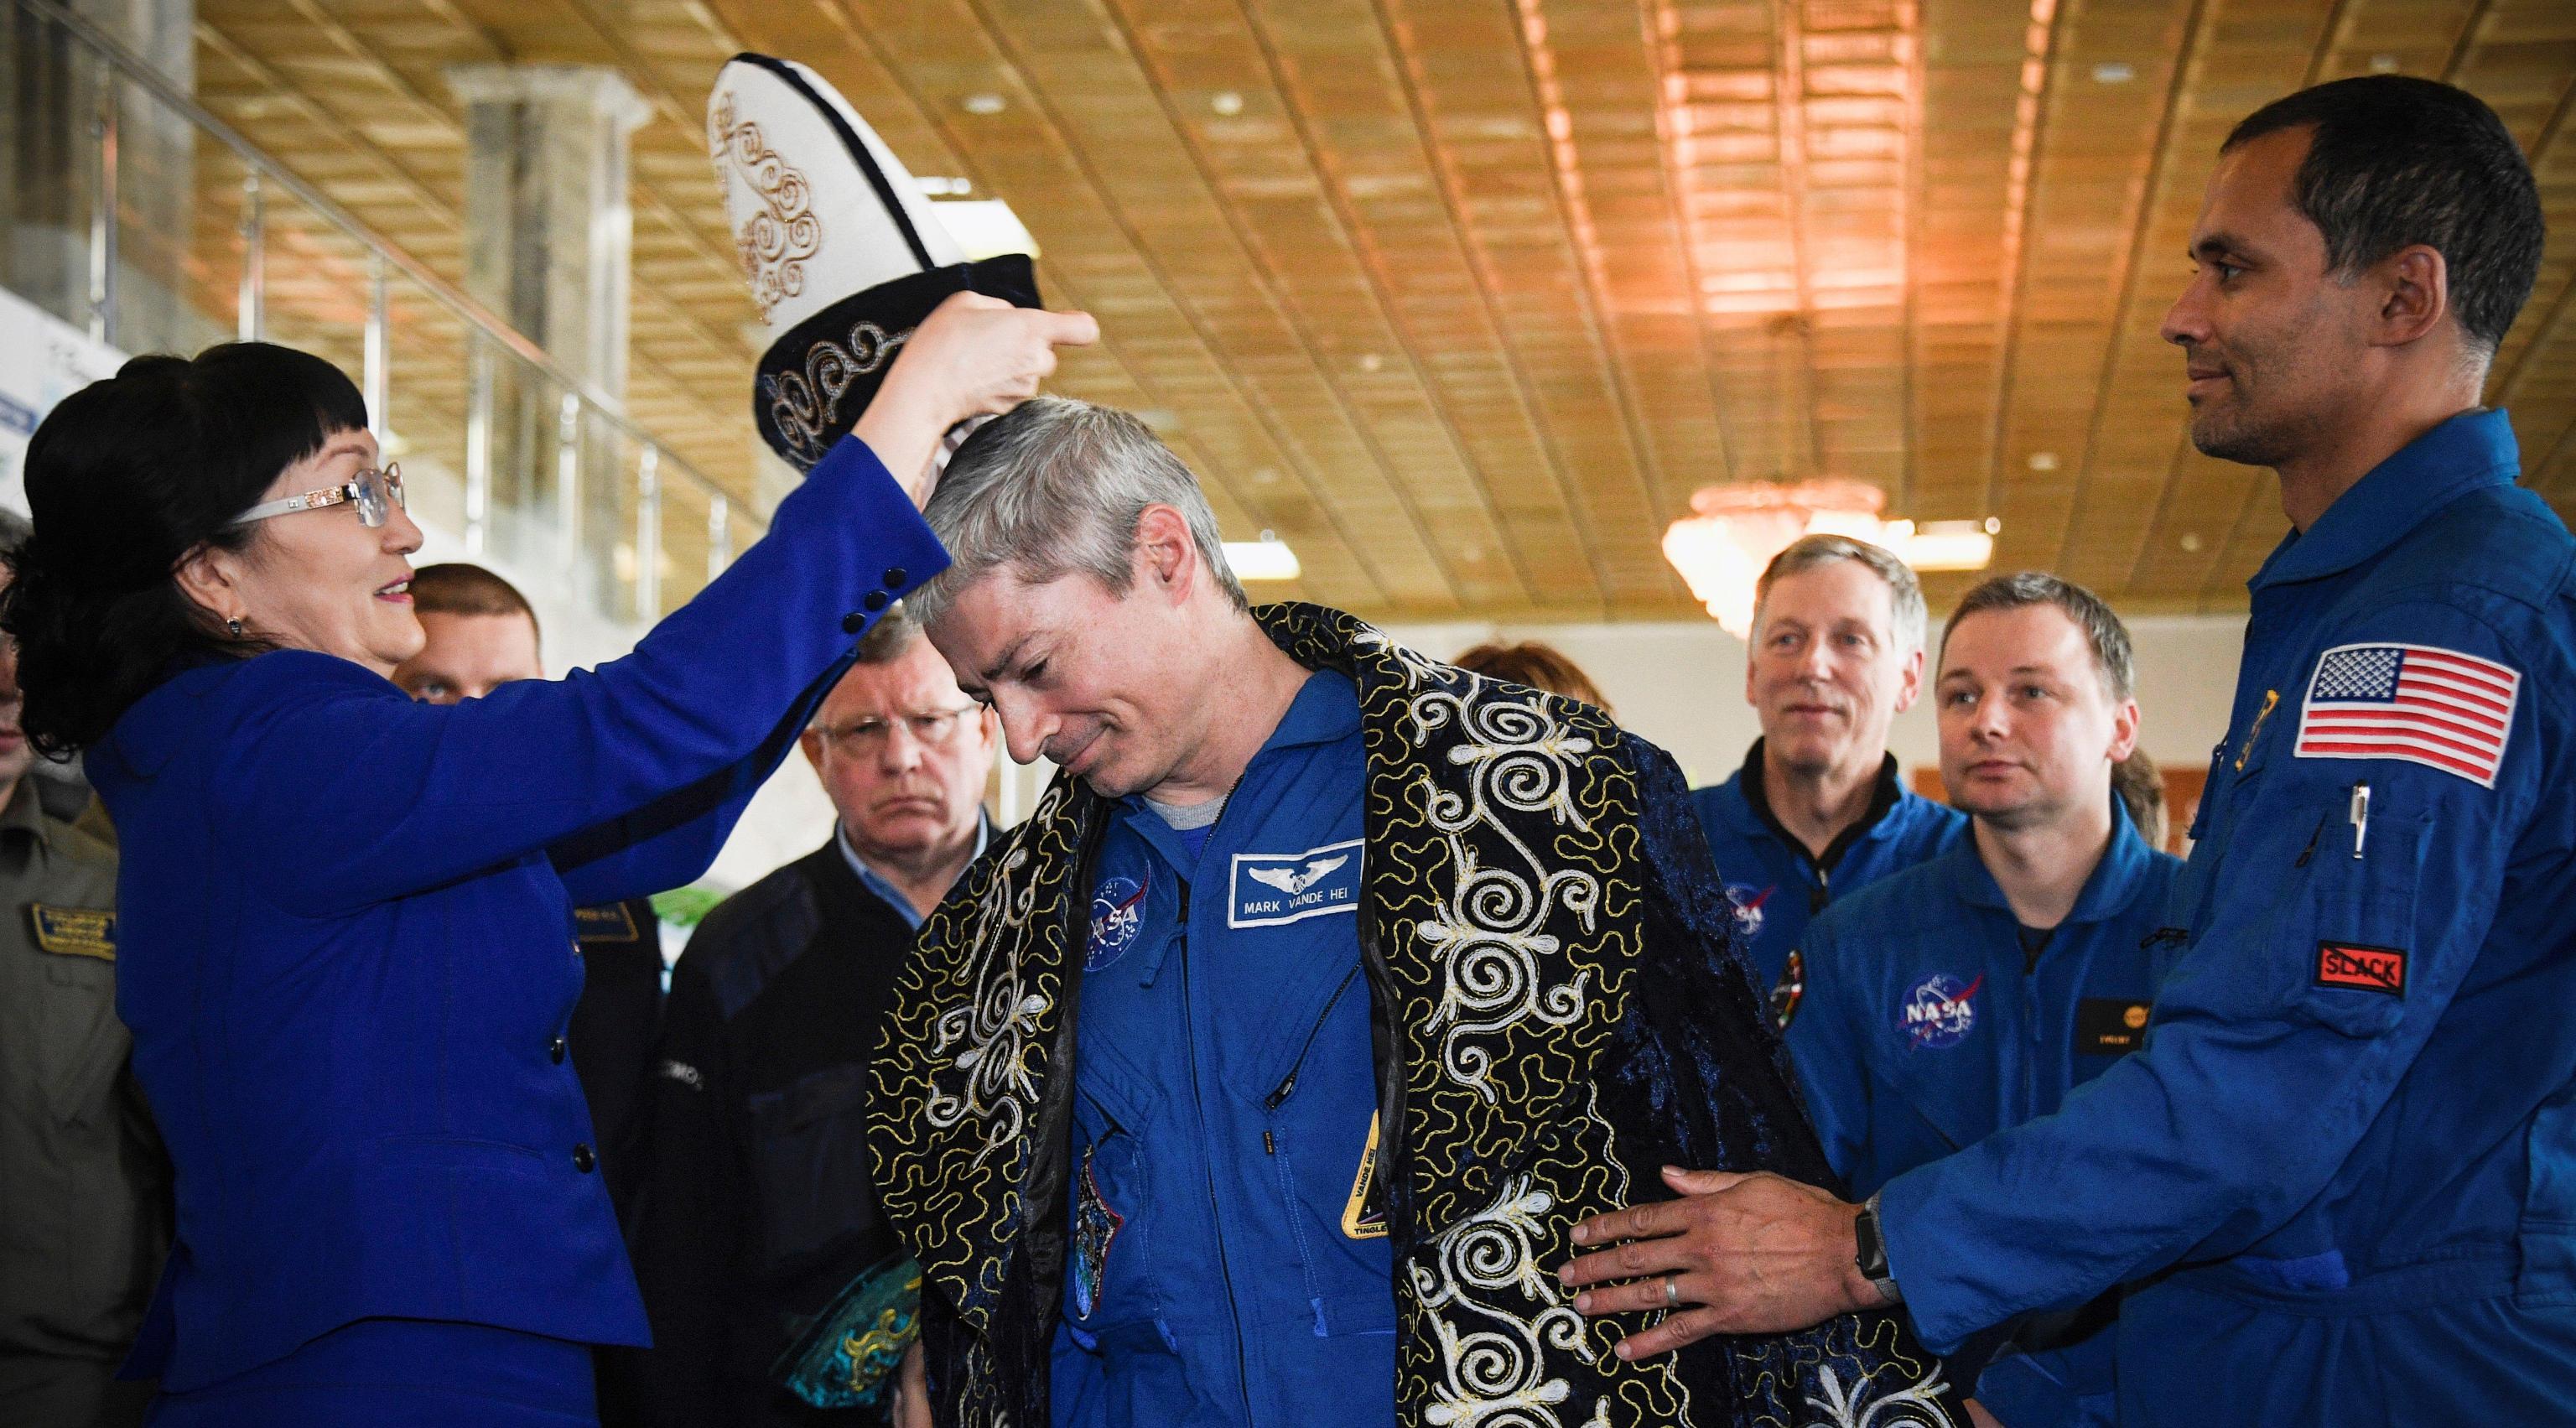 Al termine della conferenza stampa viene donato un tipico copricapo del Kazakistan all'astronauta statunitense Mark Vande Hei